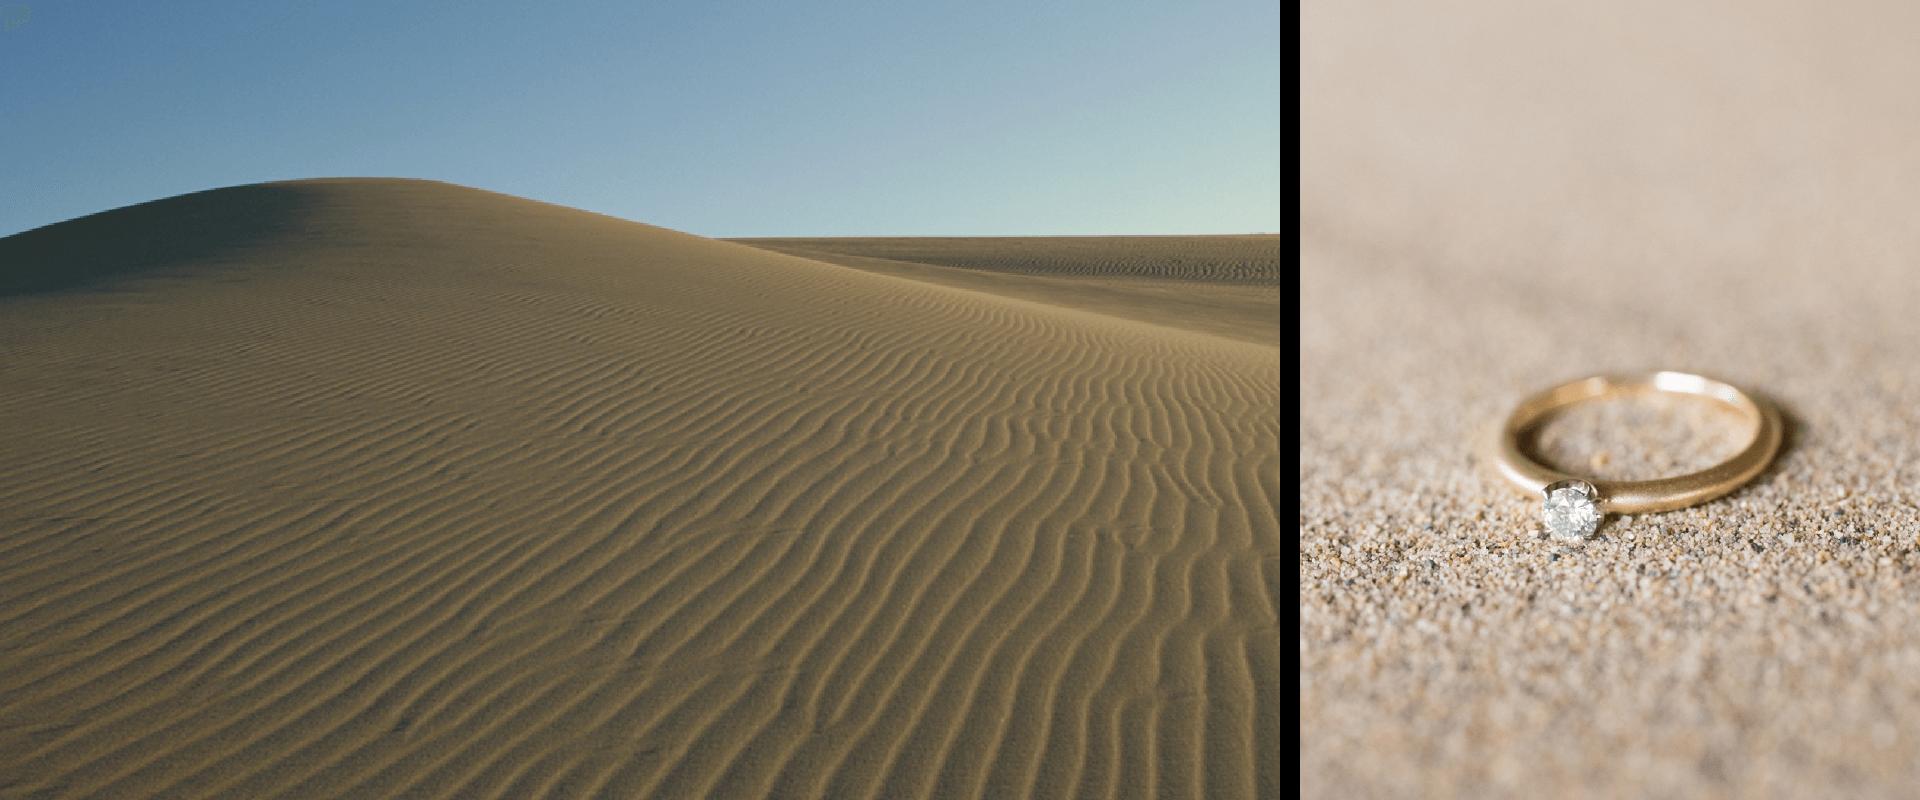 南北2.4km、東西16kmに広がる日本最大級の砂の丘「鳥取砂丘」。言わずもがな、ふるさと鳥取の象徴とも言える場所です。私たちにとって特別なこの場所を思い描き、形にしたブライダルリング「砂丘」。指輪の表面は、細かい粒を吹きつけてマットに仕上げ、砂丘の細かく磨かれた砂粒感を表現しました。指輪を見るたびにふるさとを思い出せる身近な存在になれますように。